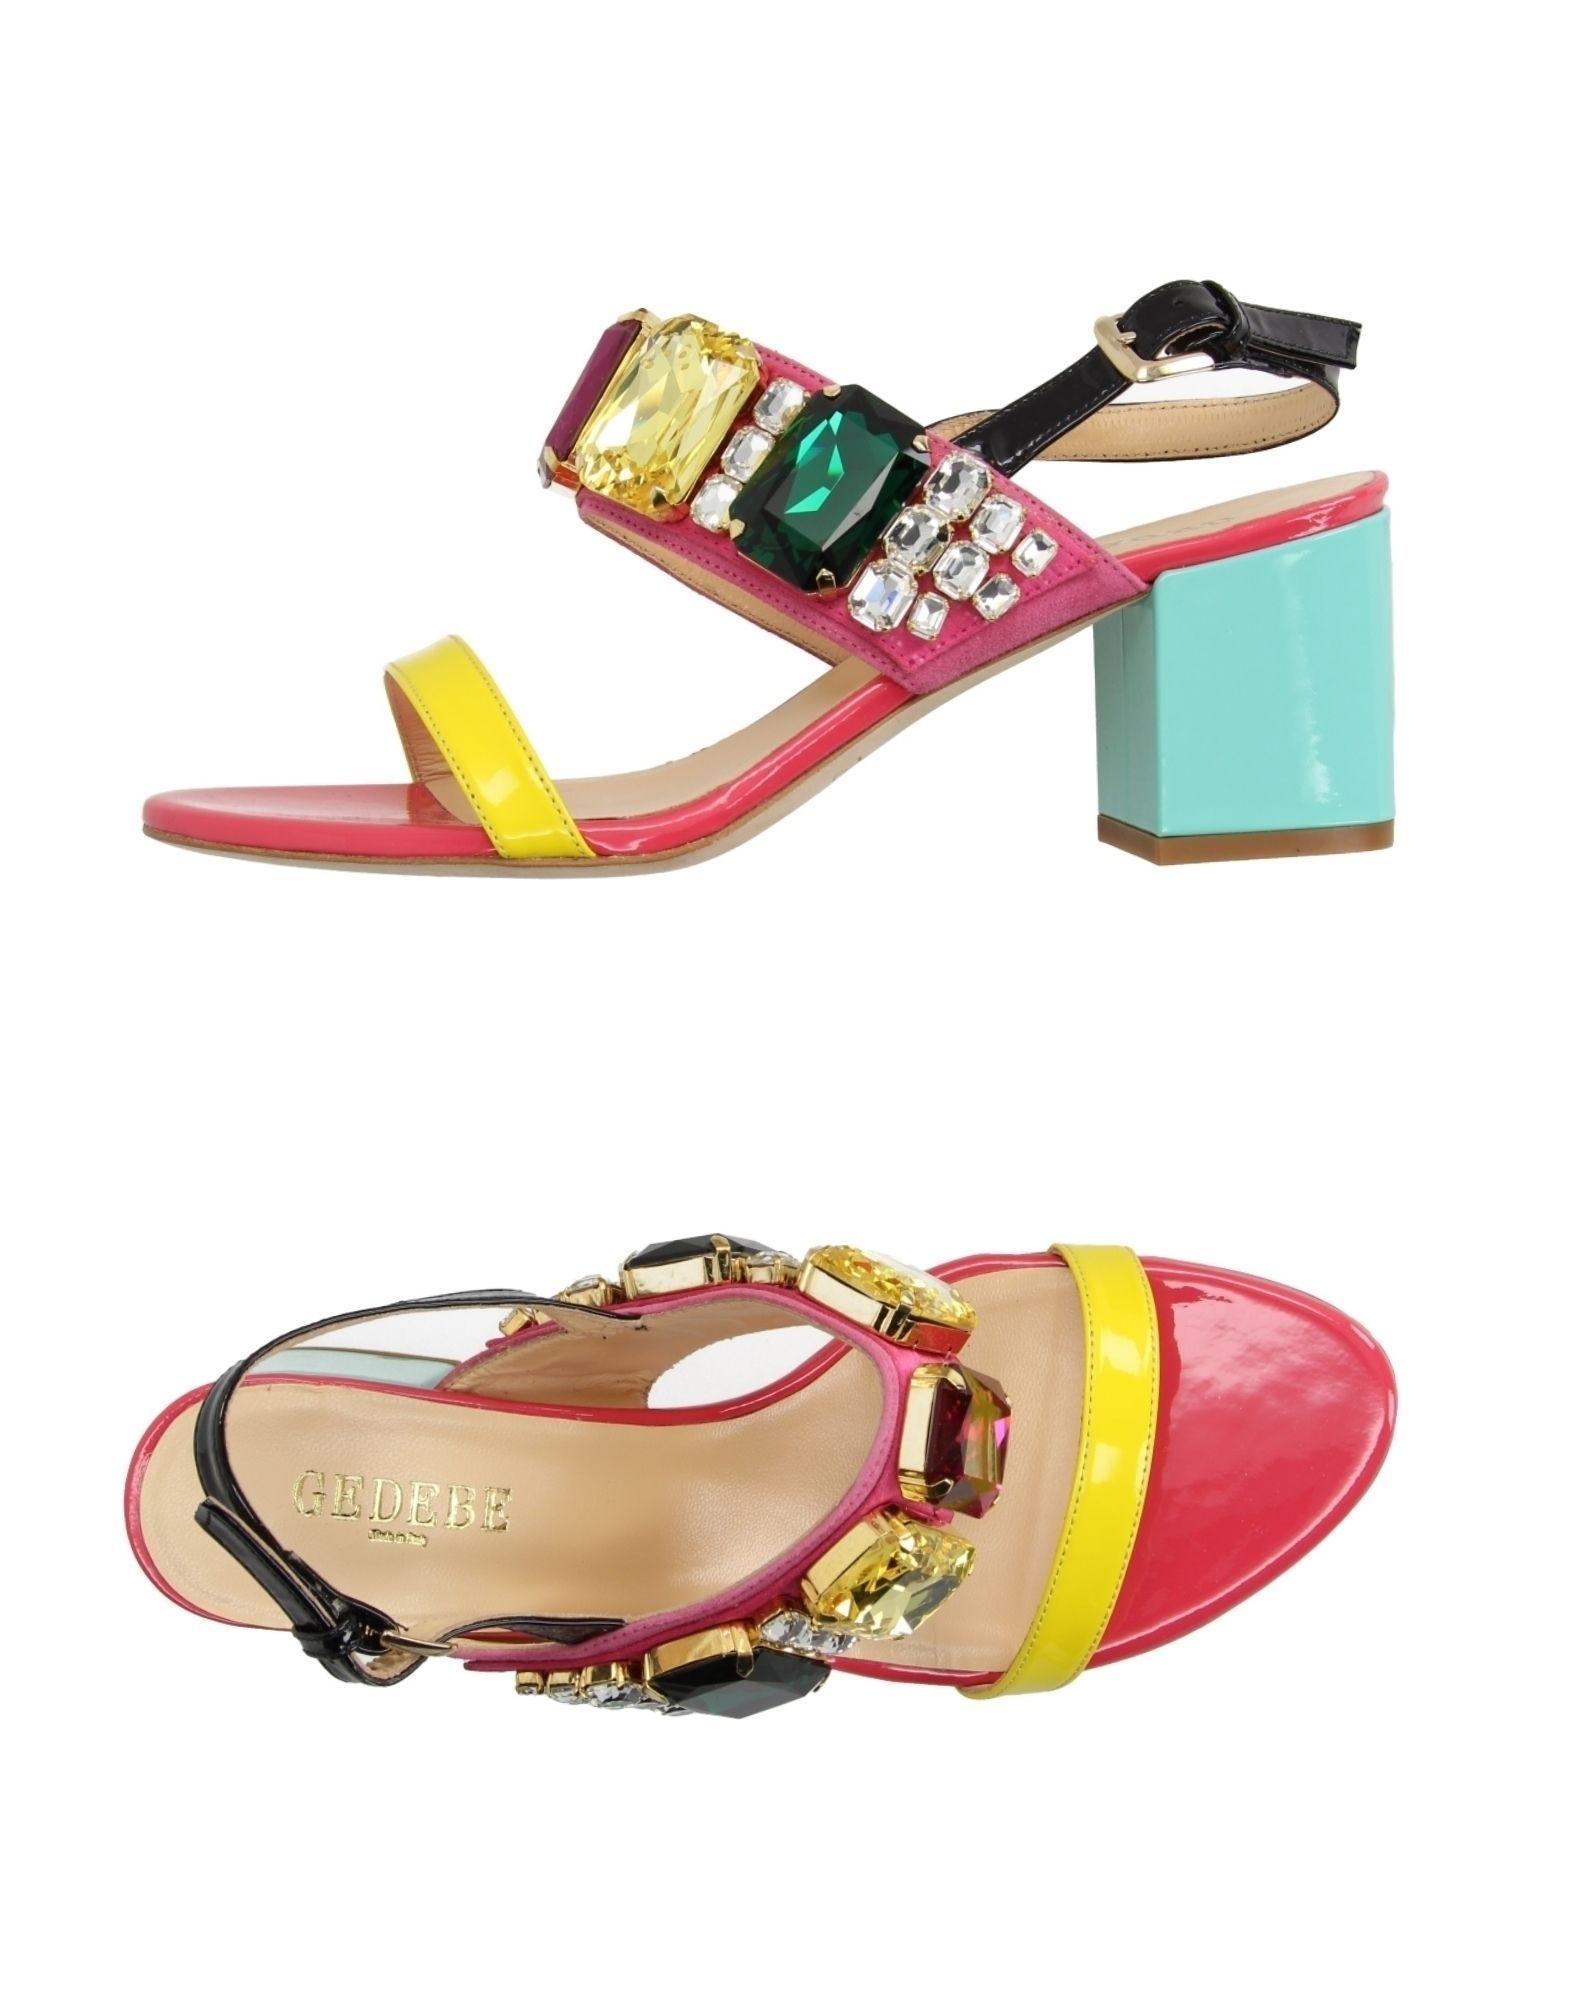 FOOTWEAR - Sandals Gedebe PzfkZi9d